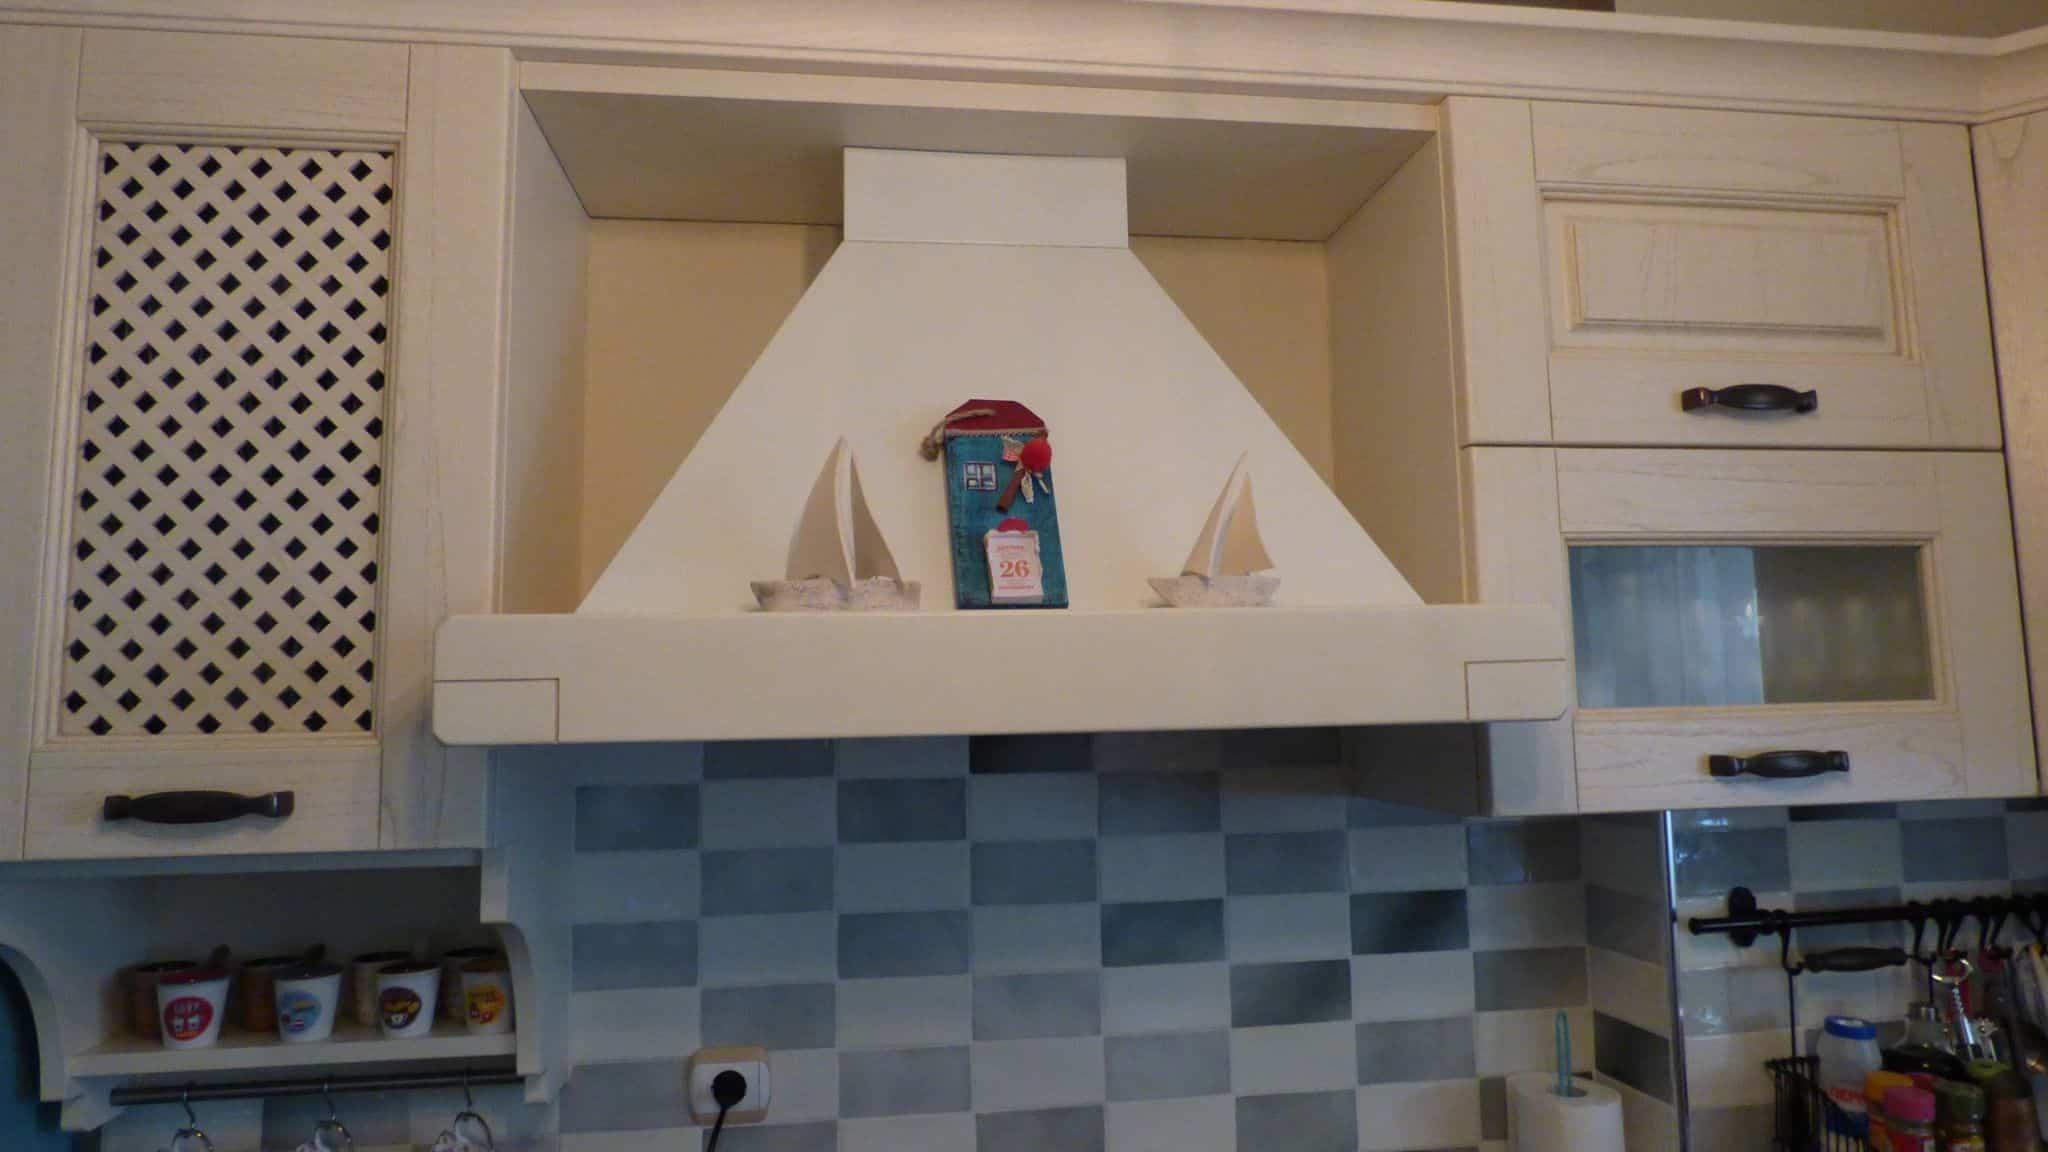 Επιπλα Κουζινας μασίφ πορτάκι Μοντέλο Olivia Απορροφητήρας 90 εκ.σε χρωματισμό της κουζίνας